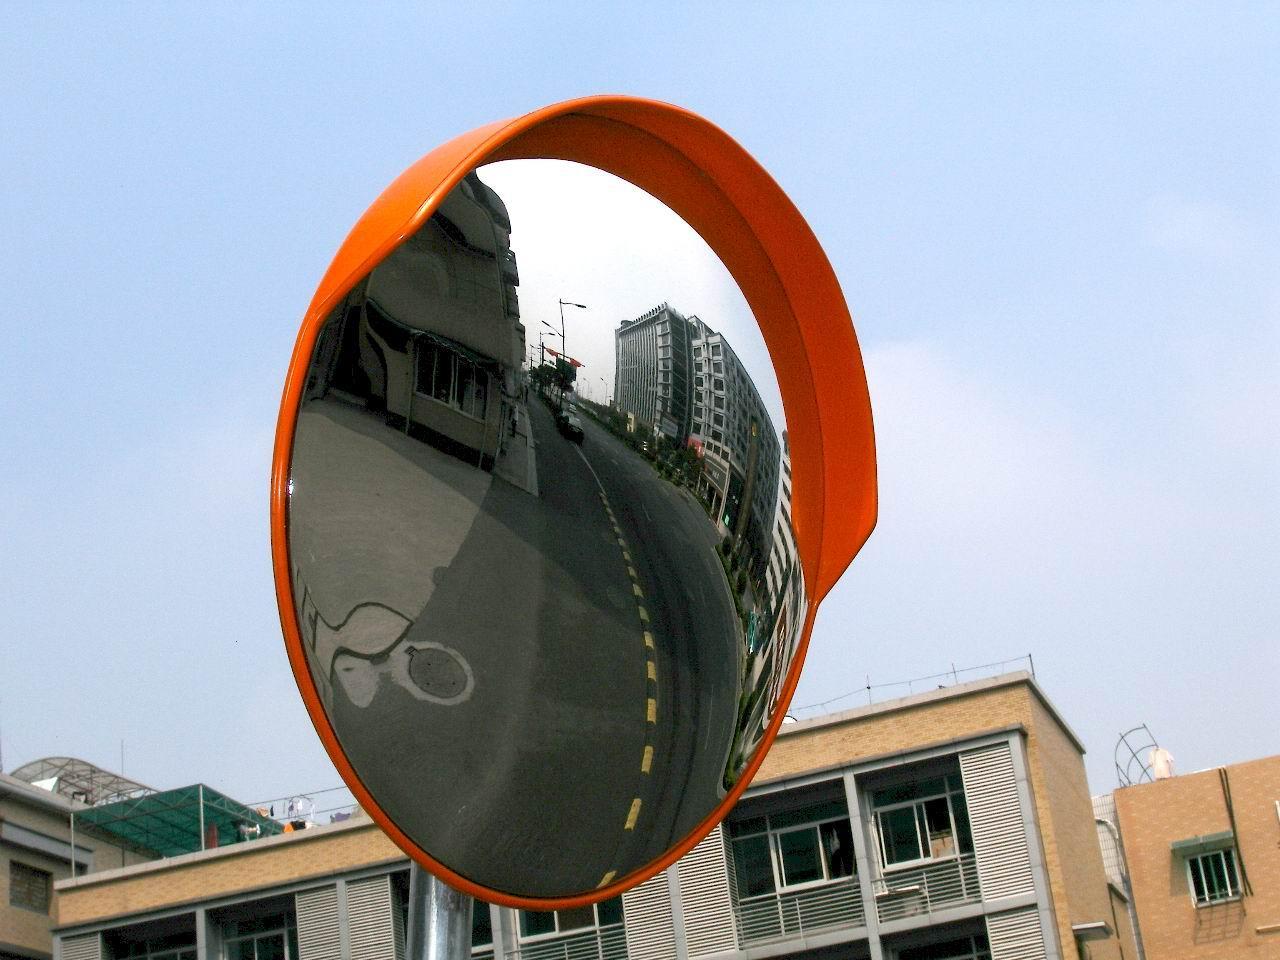 凸面鏡,廣角鏡,佛山廣角鏡,凸面鏡廠家,資料,價格